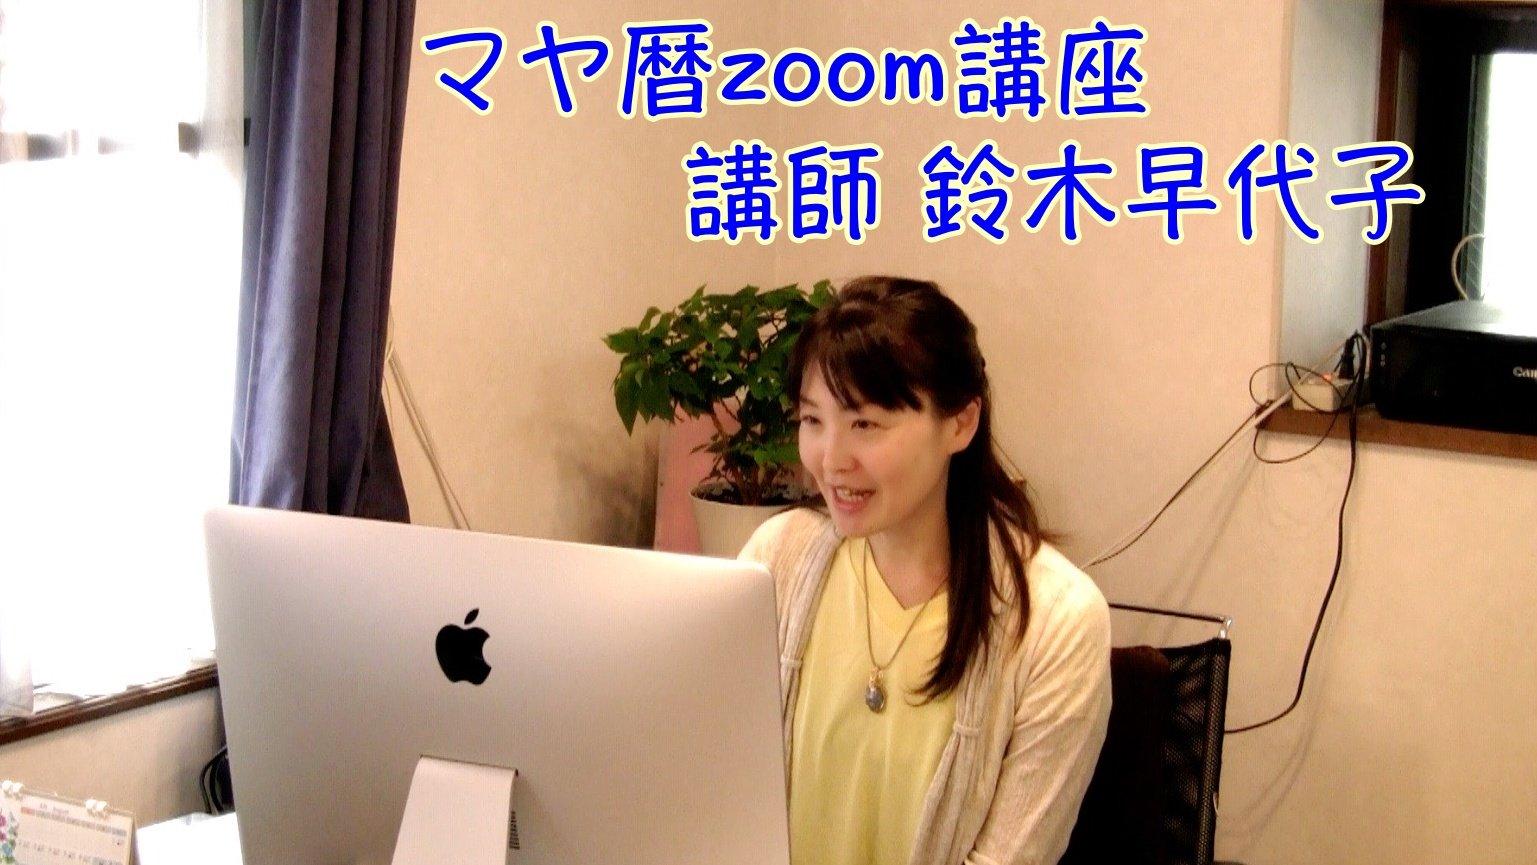 《再入荷》マヤ暦手帳講座(非対面)ZOOMなどオンライン2時間半のイメージその3